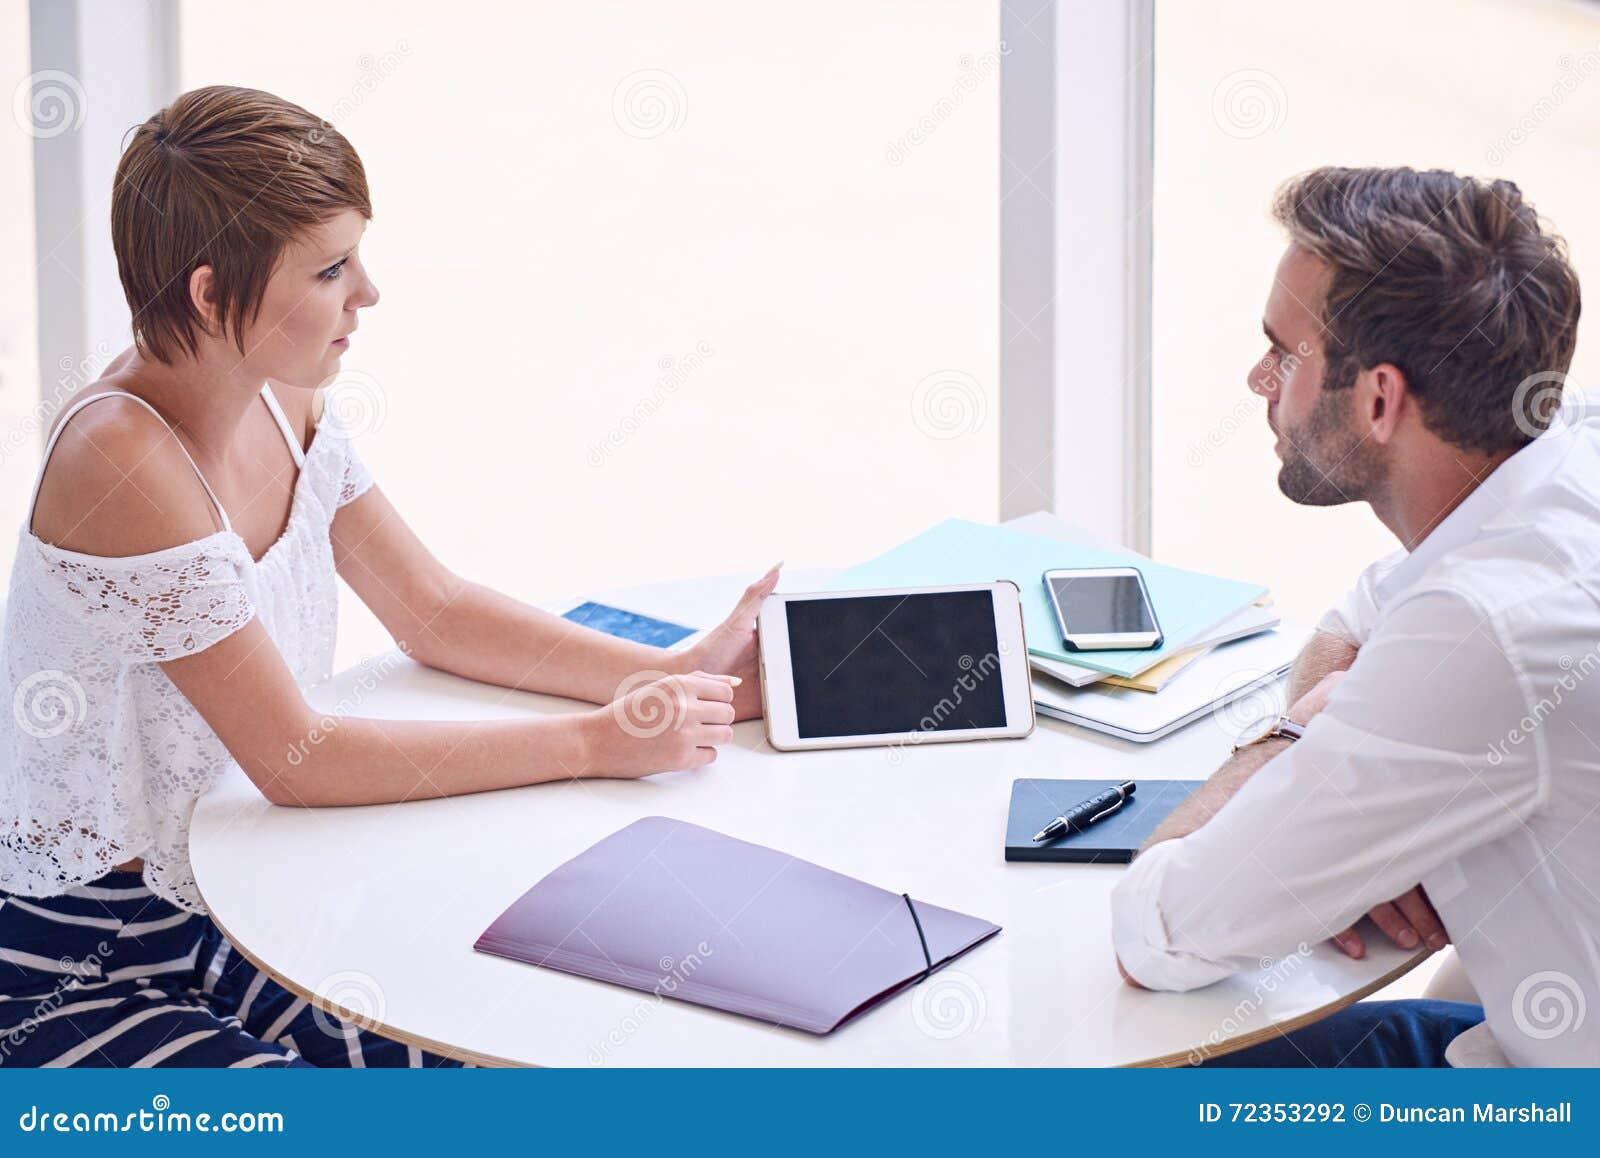 女性创造性的陈列她的关于片剂屏幕的男性伙伴信息